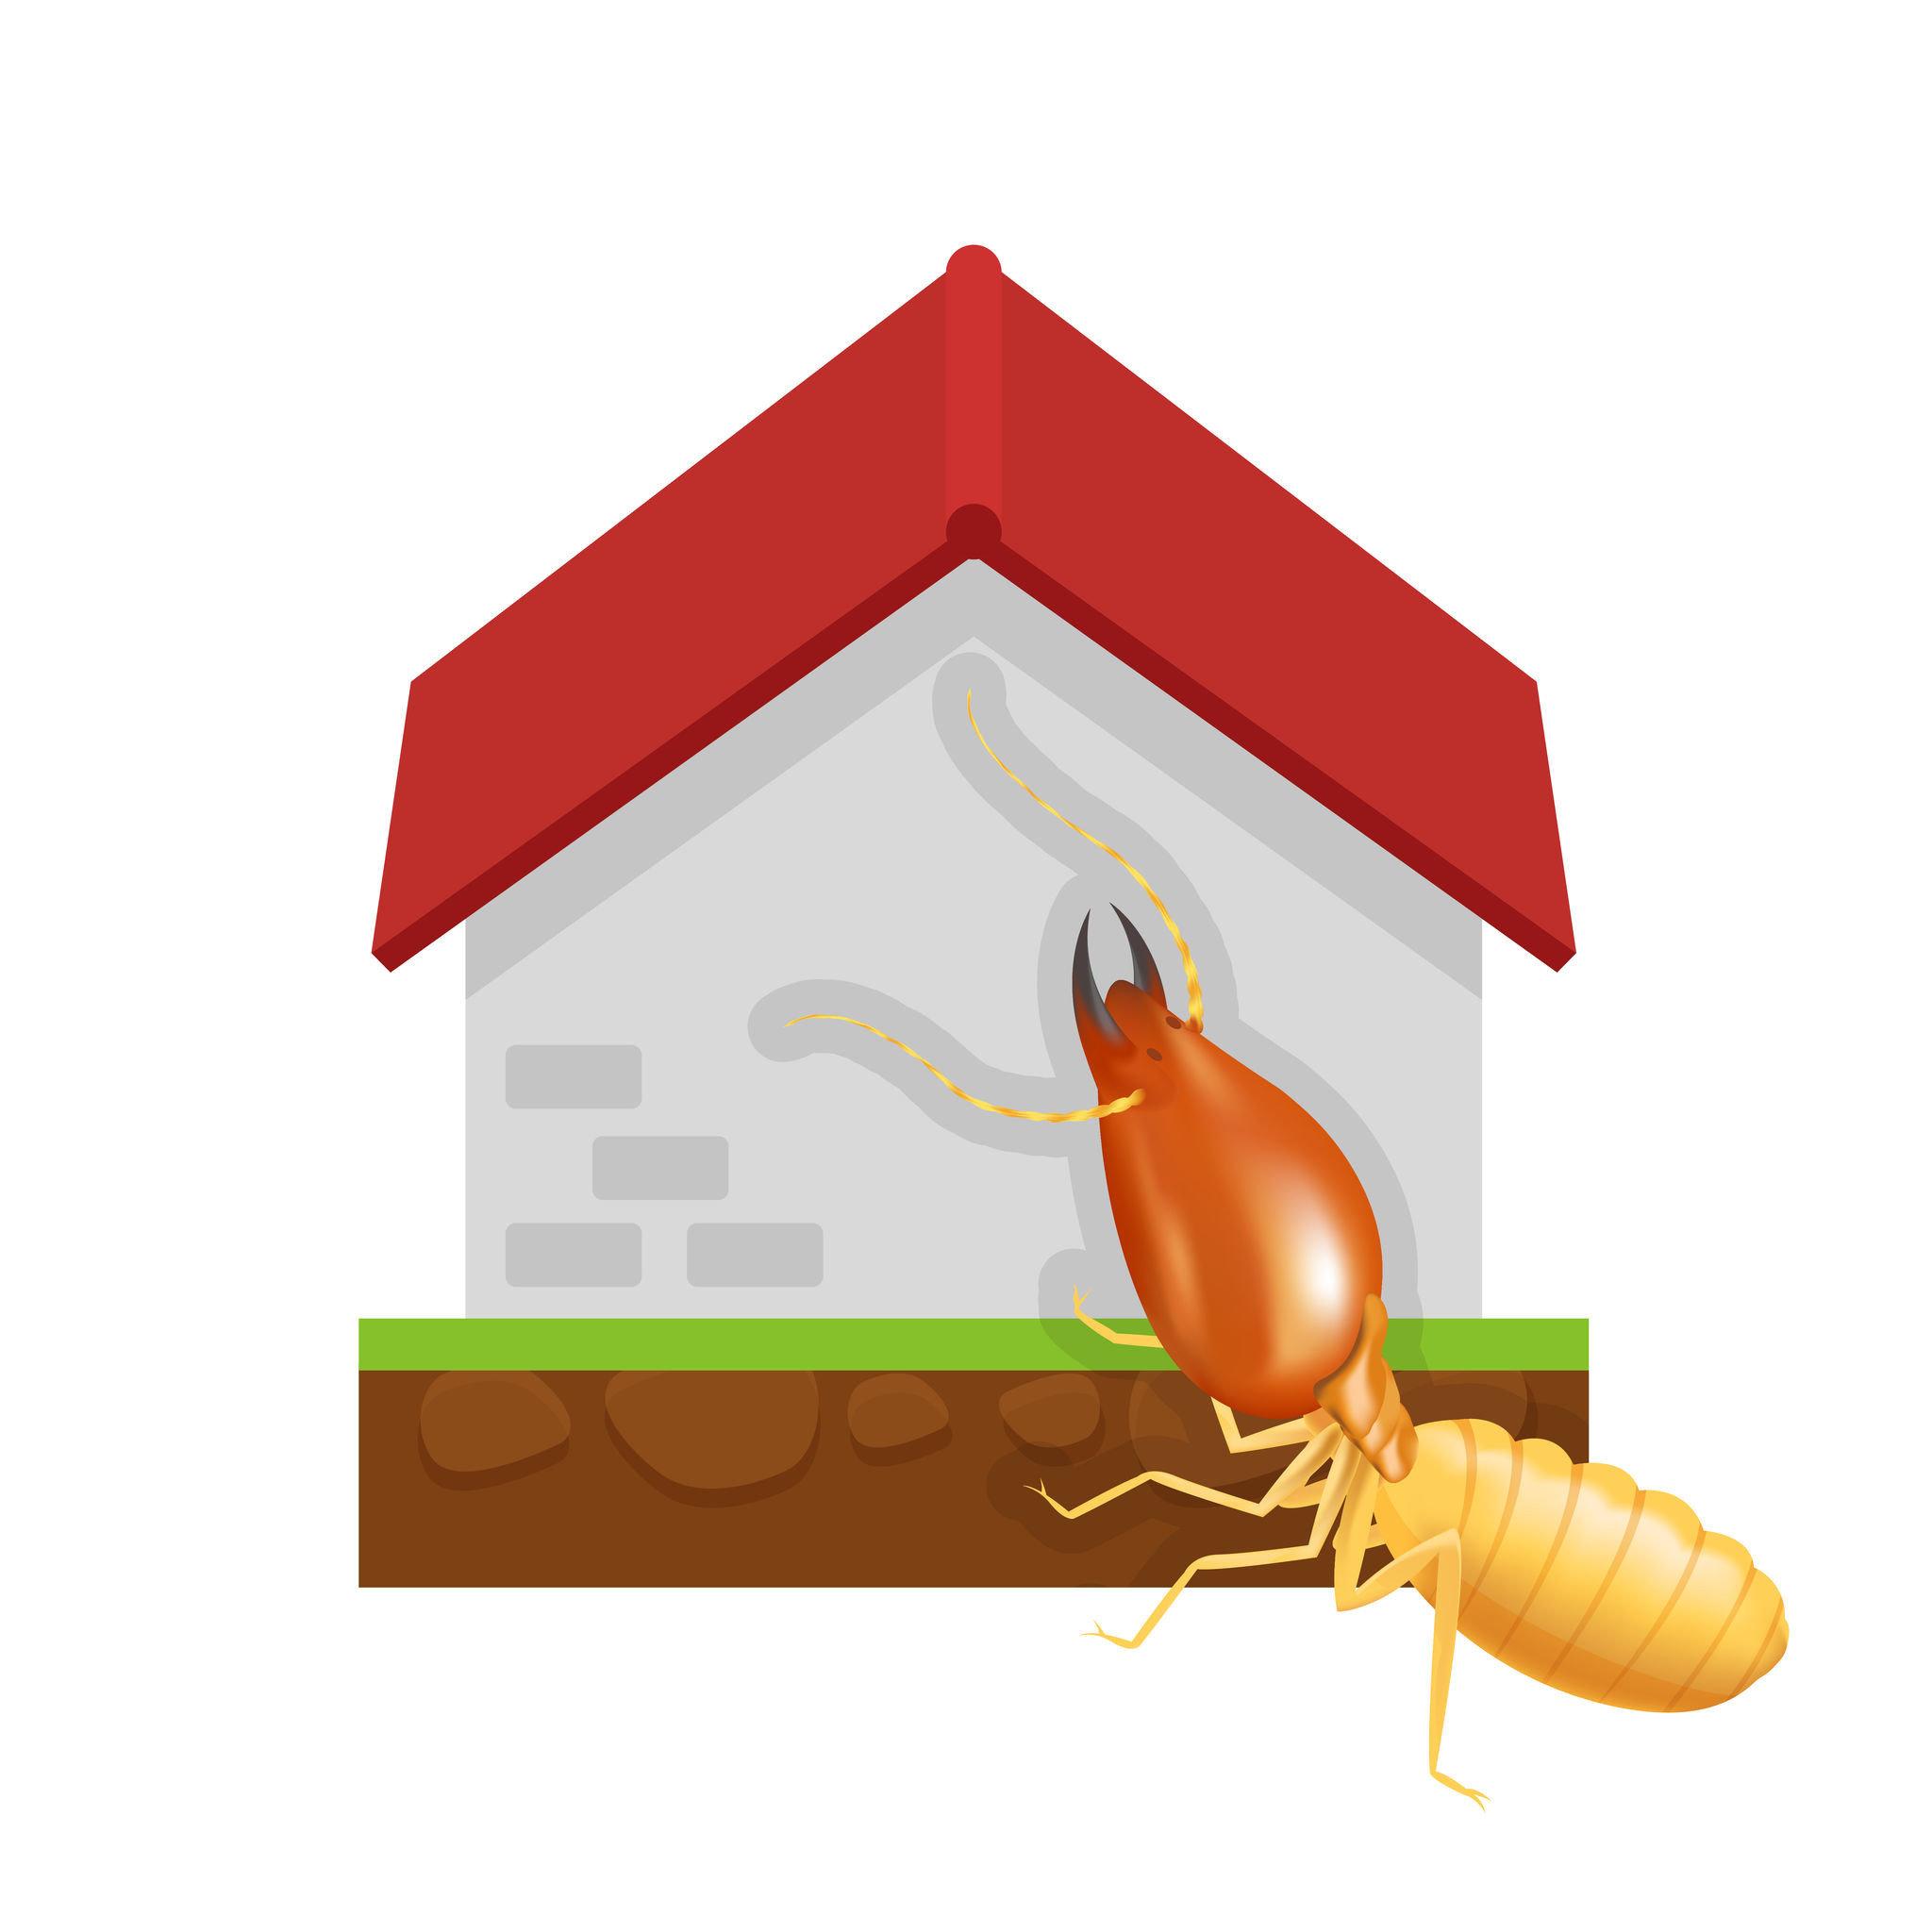 白蟻不限定於夏天或是秋天之類固定的季節發生。白蟻並沒有所謂的產卵季節,蟻后隨時都不斷地繁殖。